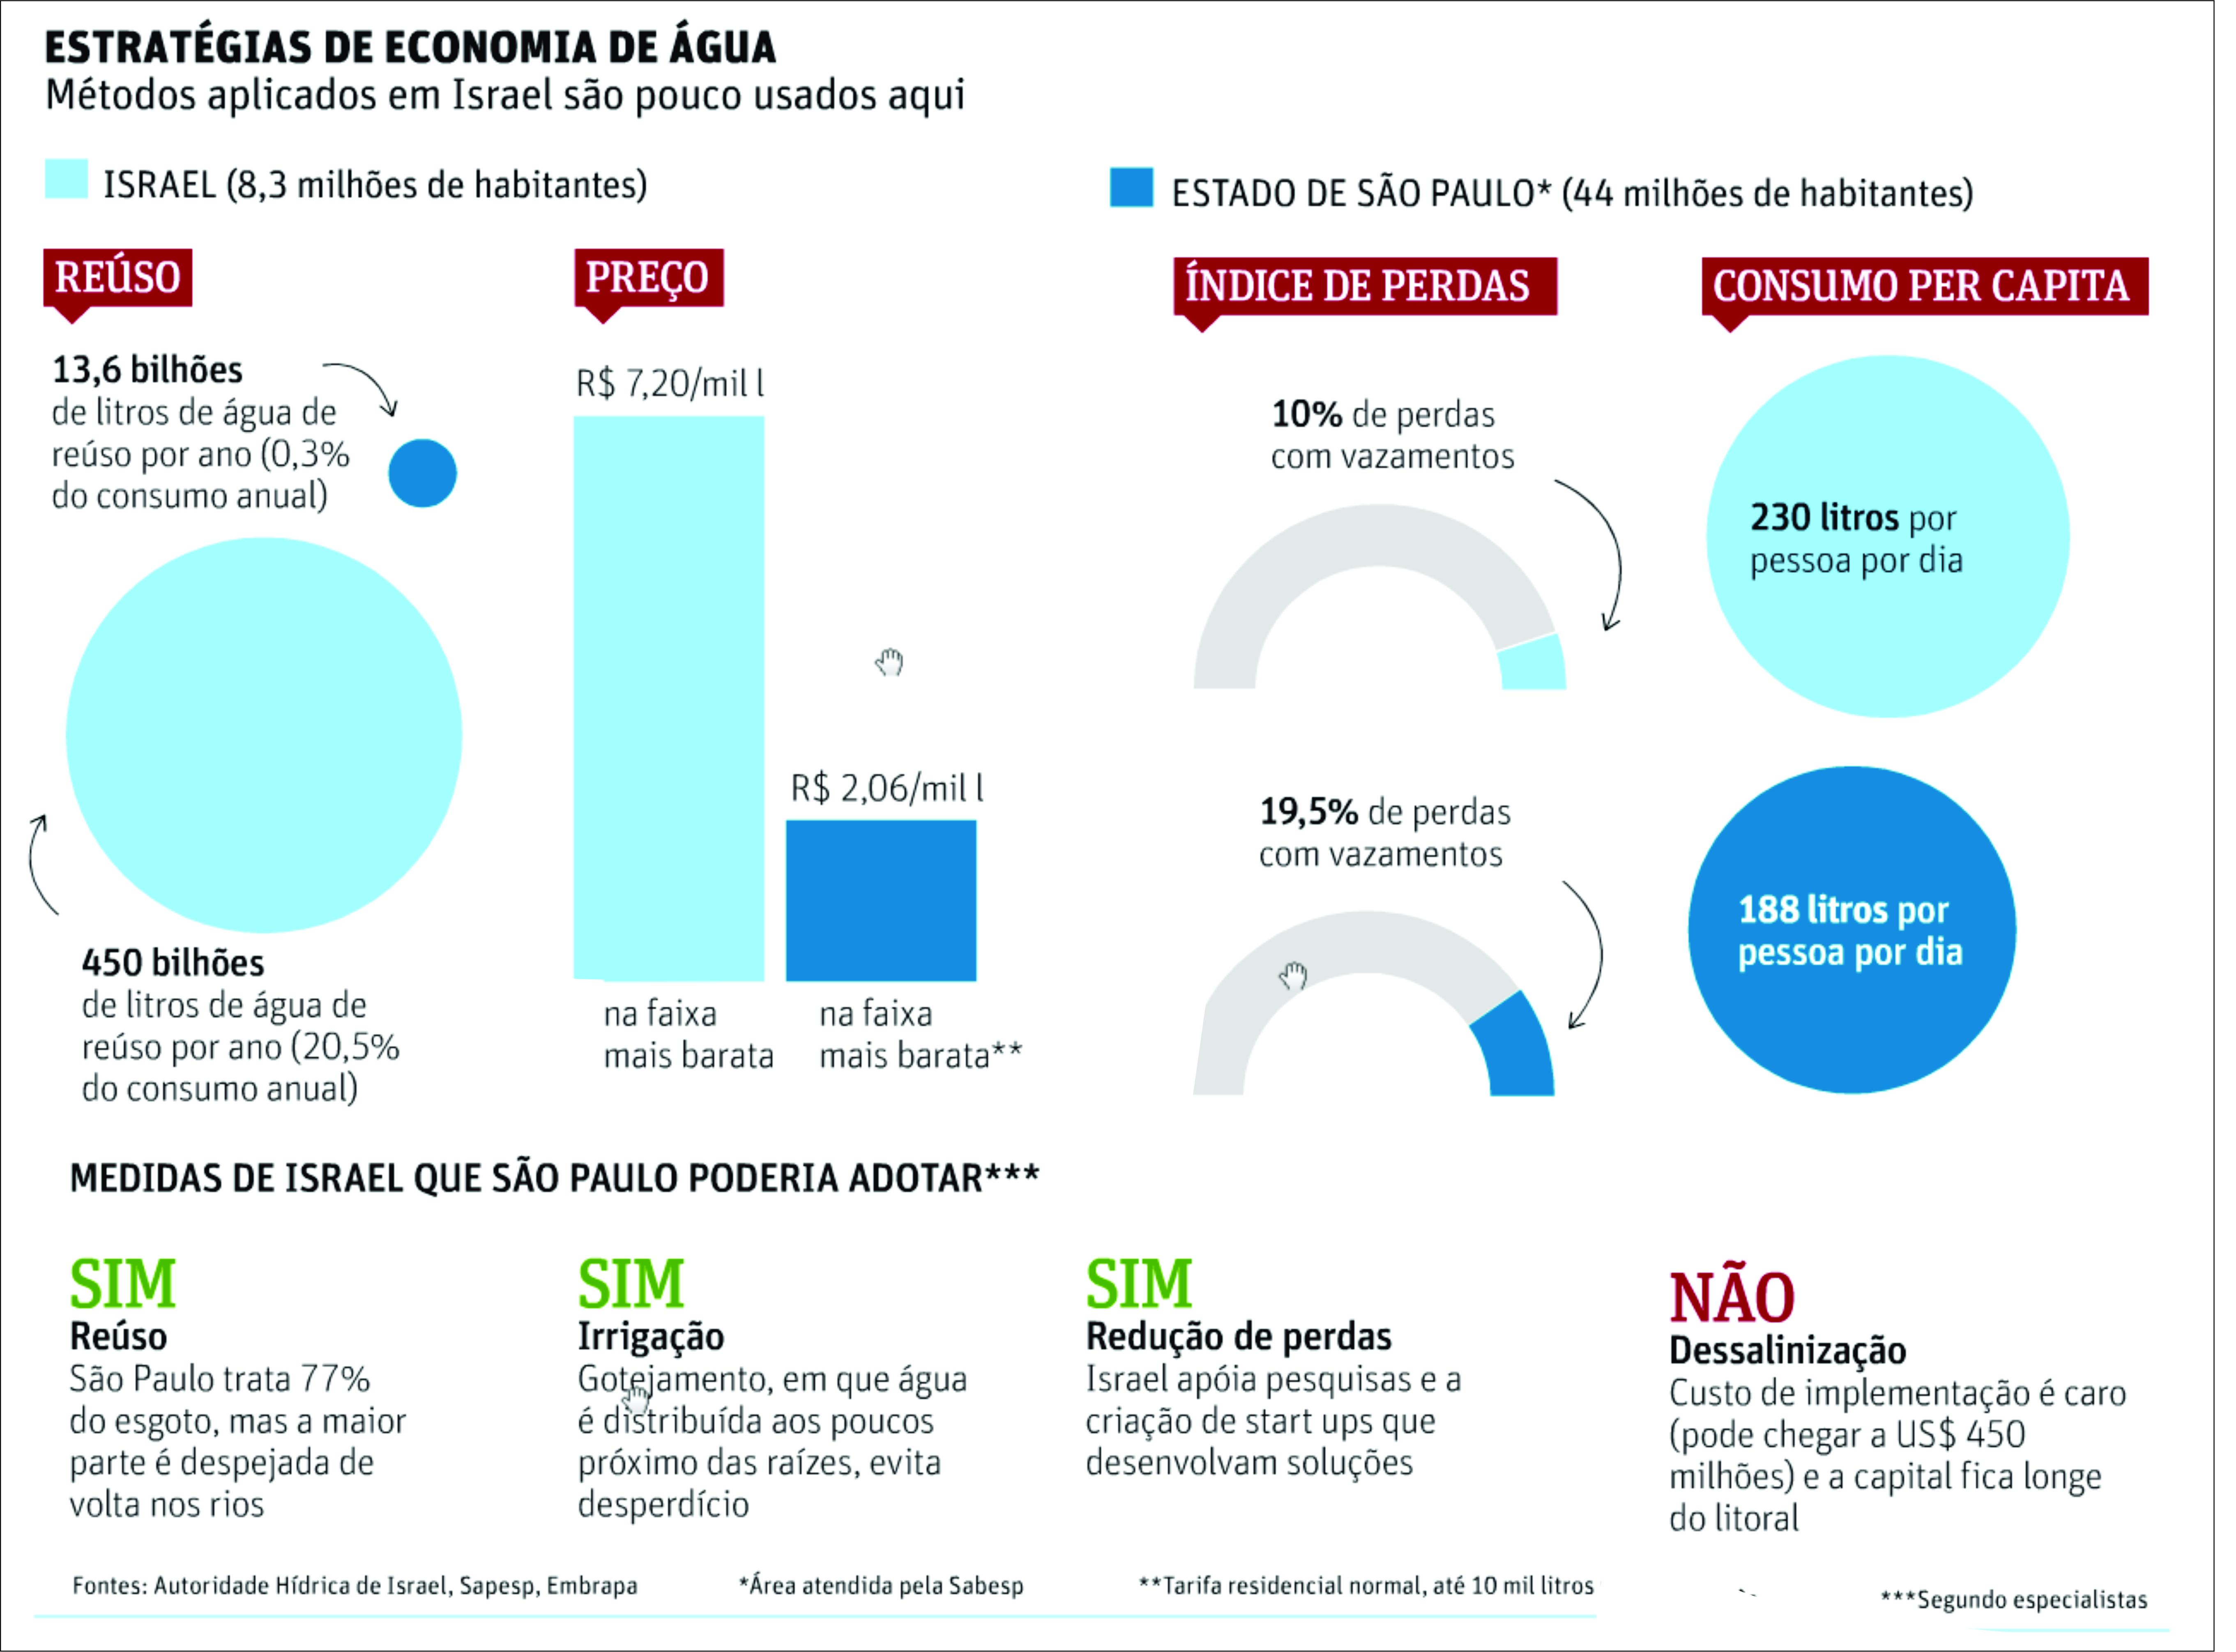 Crise da água. Estratégia para economia.